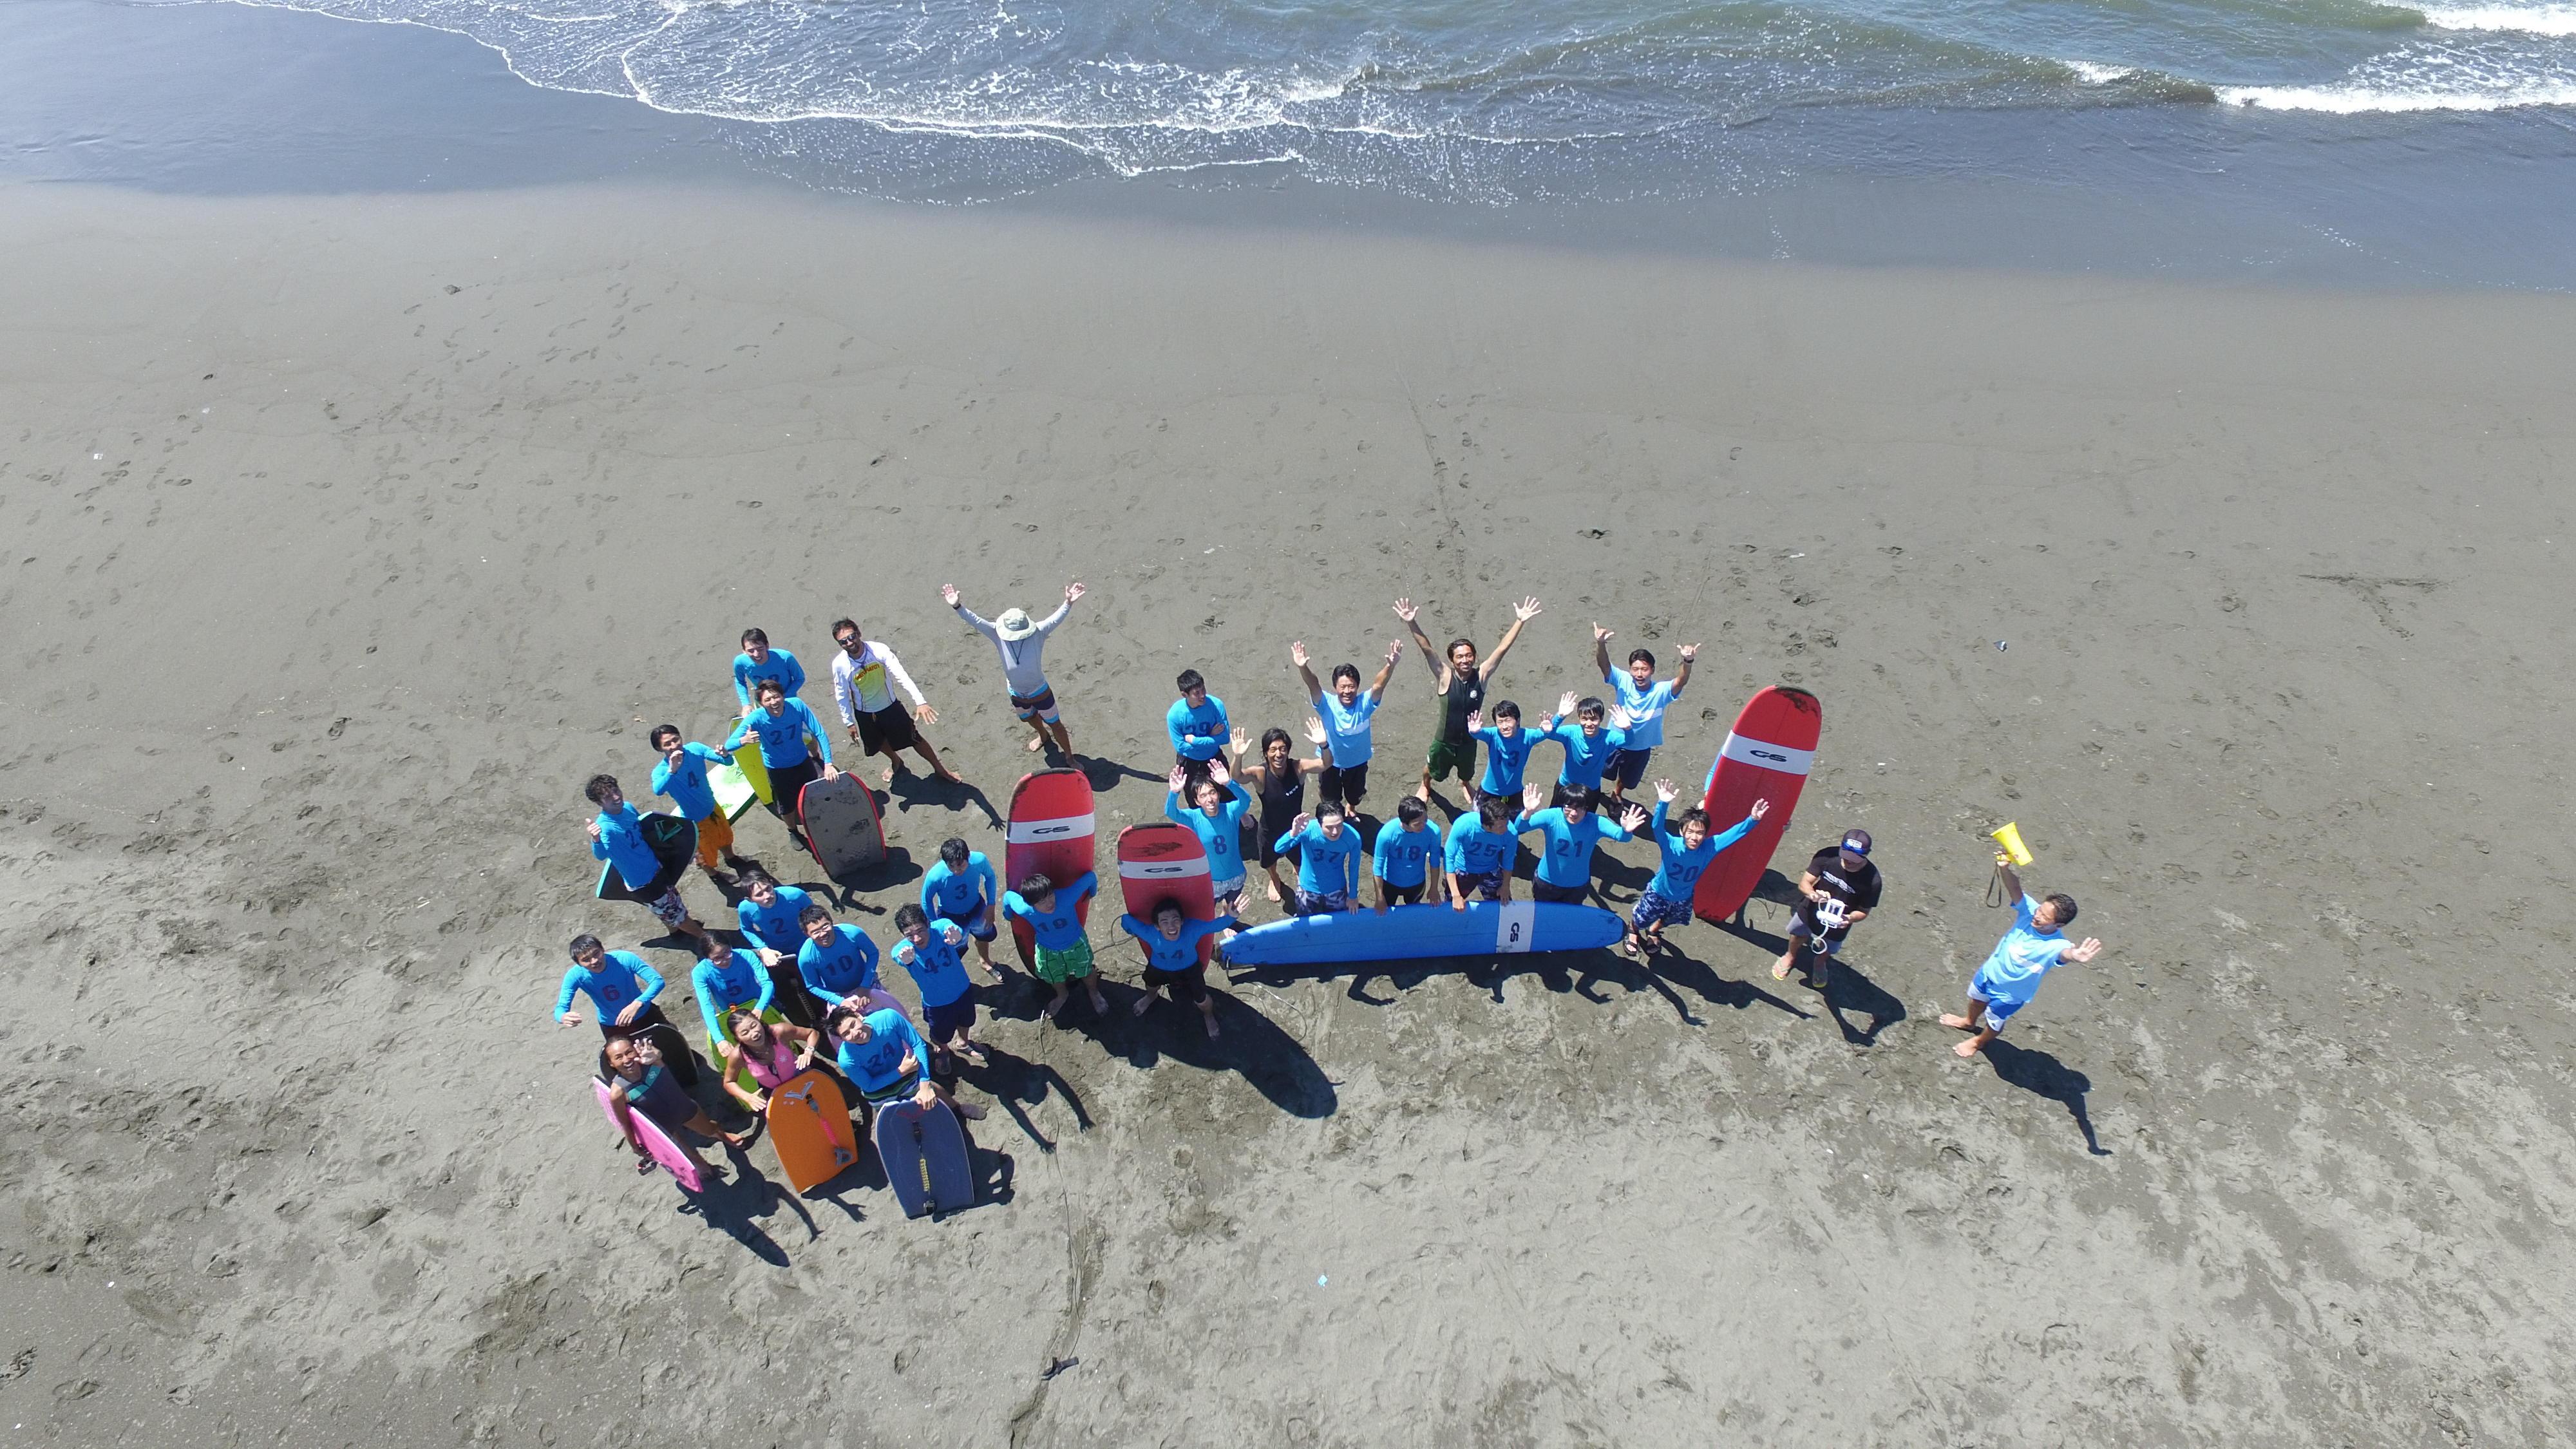 湘南工科大学が8月6~10日まで「シーズンスポーツ」を今年も開講 -- 地の利を最大限に生かしてサーフィン、ボディボードを実施